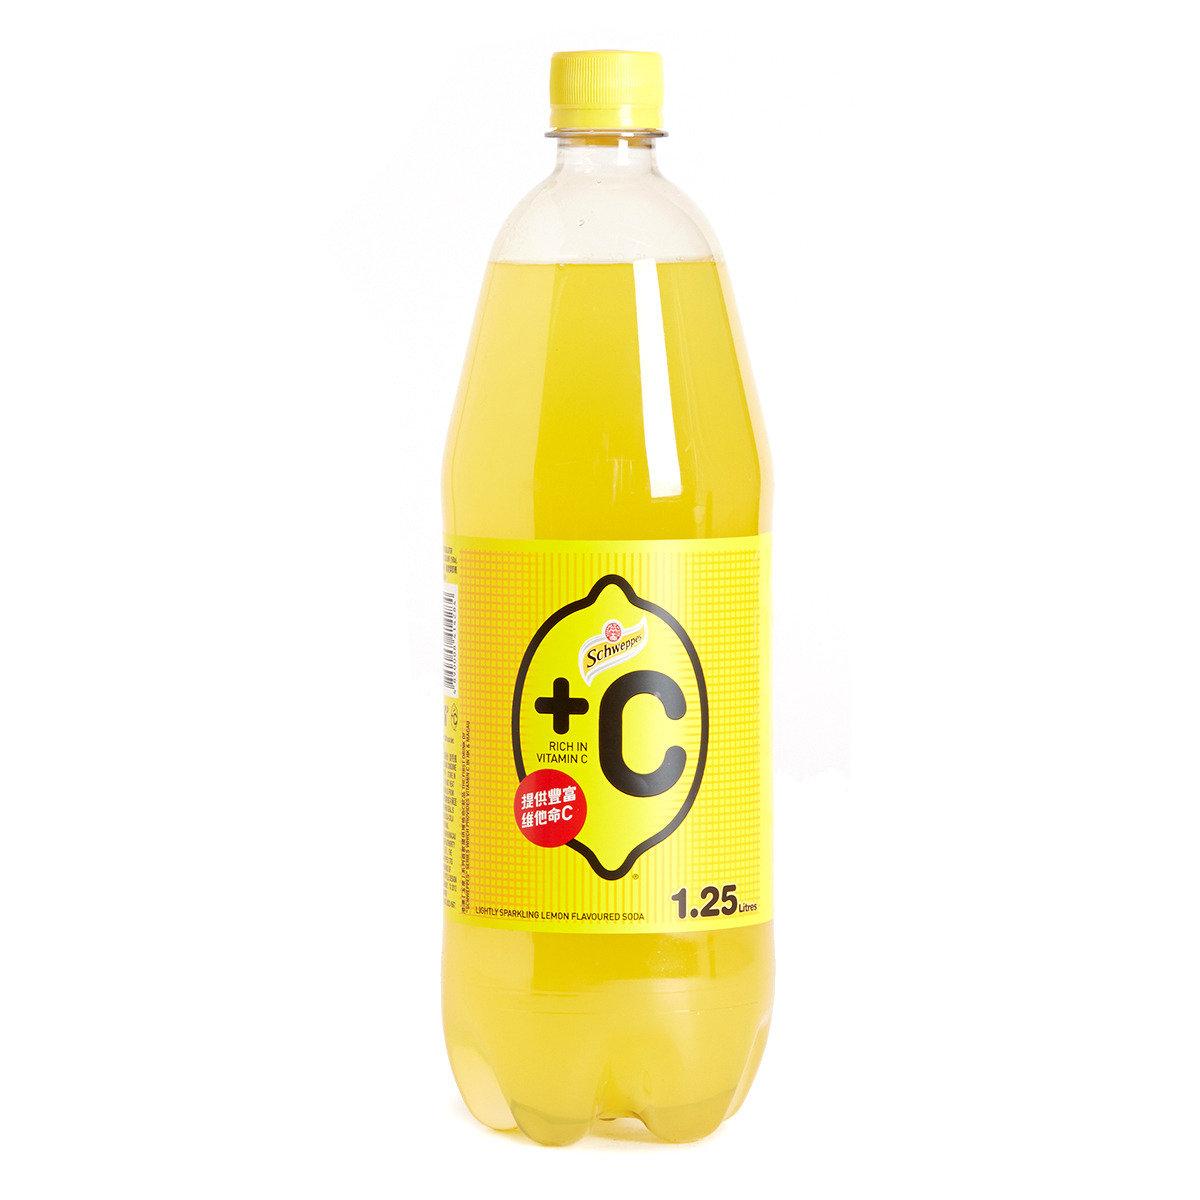 膠樽裝-+C有汽檸檬味汽水